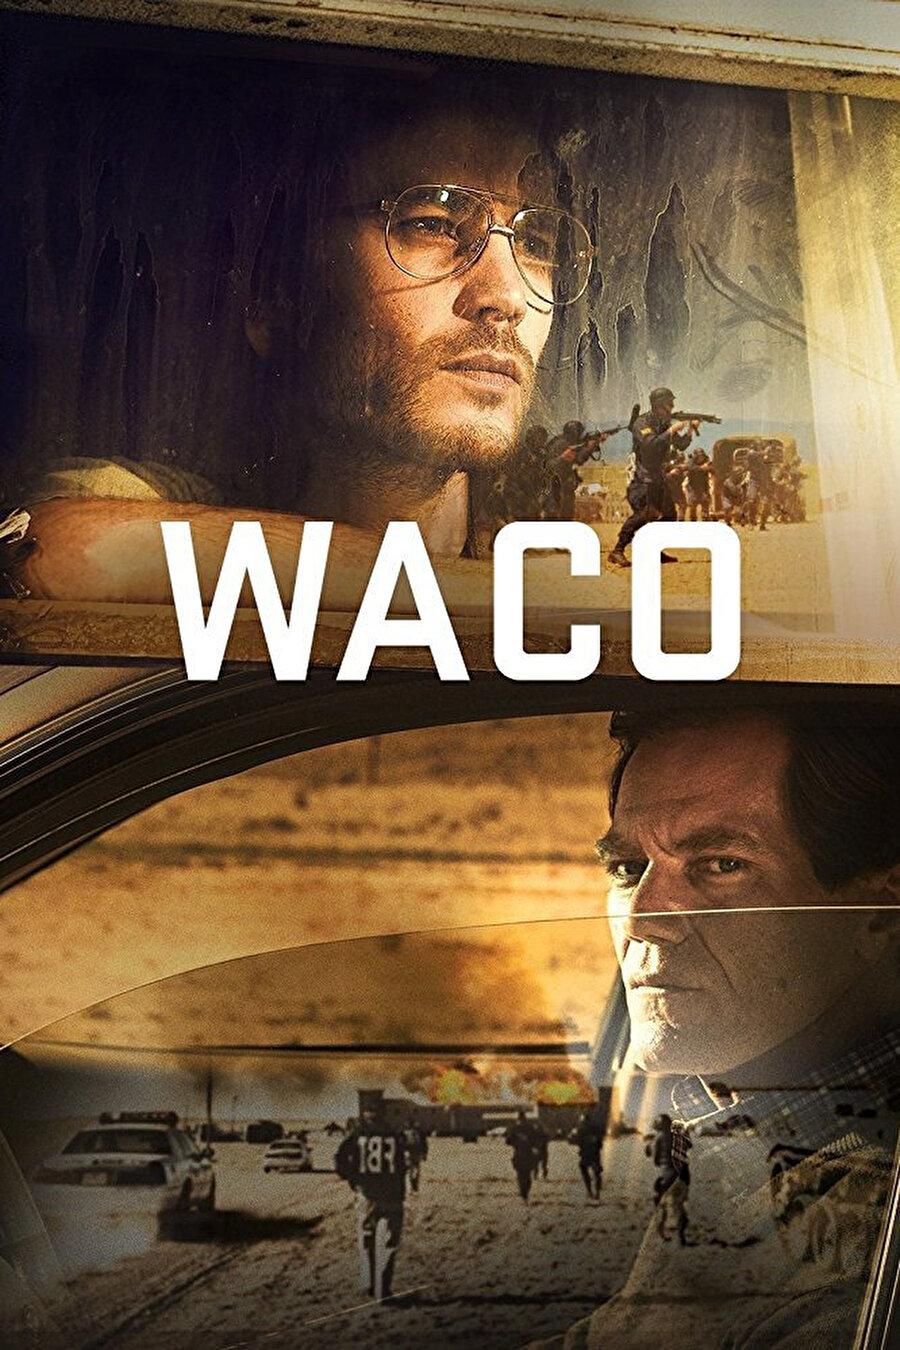 """1993 yılında Teksas'ta yaşanan gerçek bir olayı konu alan 6 bölümlük mini dizi Waco, David Koresh isimli bir ABD'li tarafından """"Branch Davidians"""" adıyla kurulan bağımsız bir mezhebin hızla fundamentalist bir tarikata dönüşerek, ATF ve FBI'ın takip listesine girmesiyle başlayan gelişmeleri ekrana taşıyor. Dizide, tarikat üyelerinin yaşadığı çiftliğe yönelik FBI'ın gerçekleştirdiği ve büyük bir trajediyle sonuçlanan 51 günlük """"Waco Kuşatması"""" tüm detaylarıyla işleniyor. Çarpıcı konusu ve gerilimiyle yılın en çok konuşulacak yapımları arasında yer alan dizinin başrolünü ise Taylor Kitsch ve Michael Shannon paylaşıyor."""